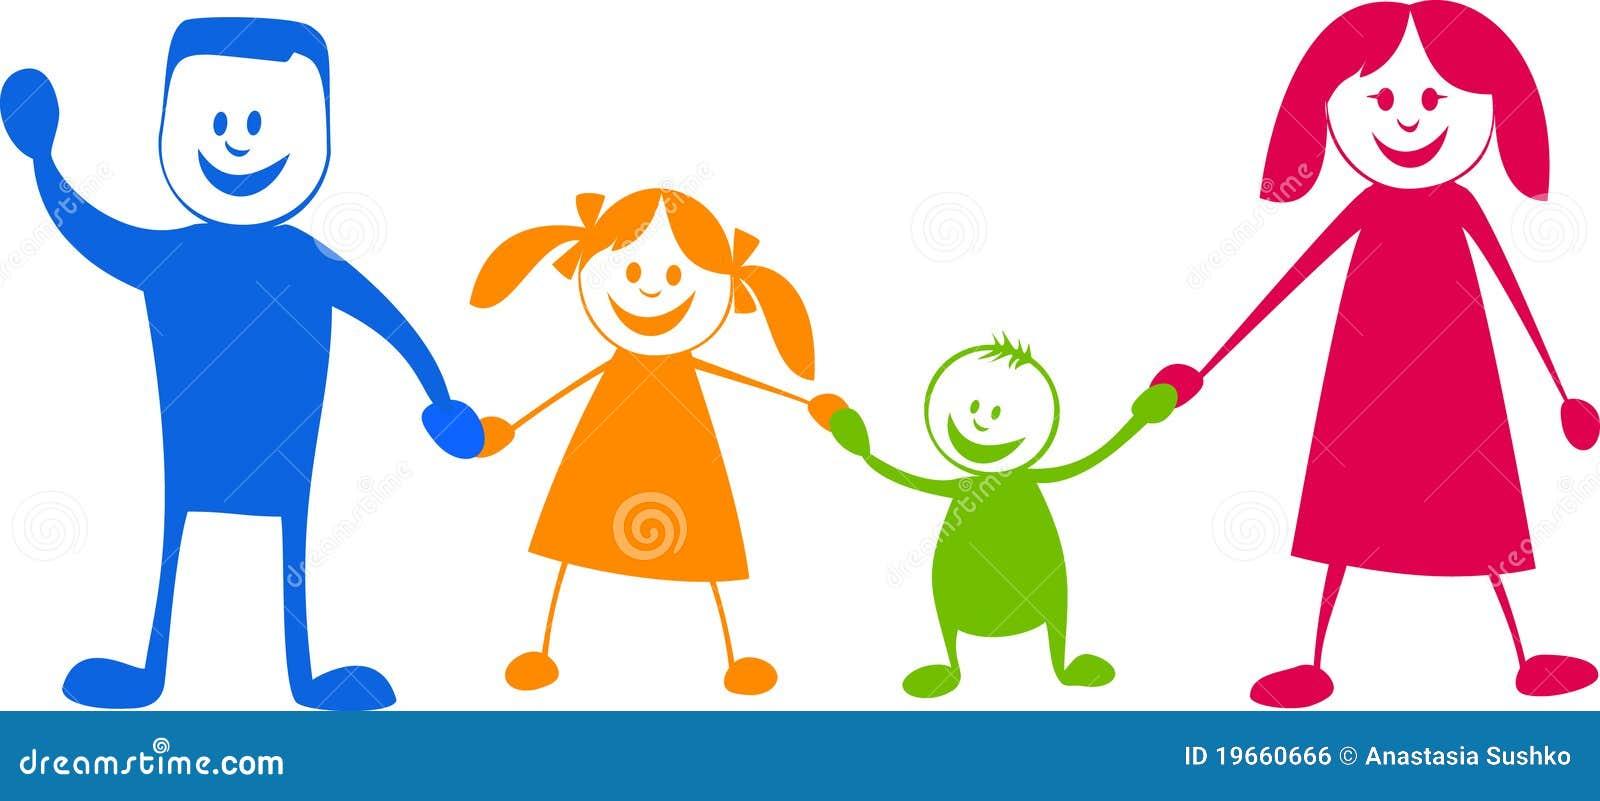 Bildresultat för tecknade bilder gratis föräldrar